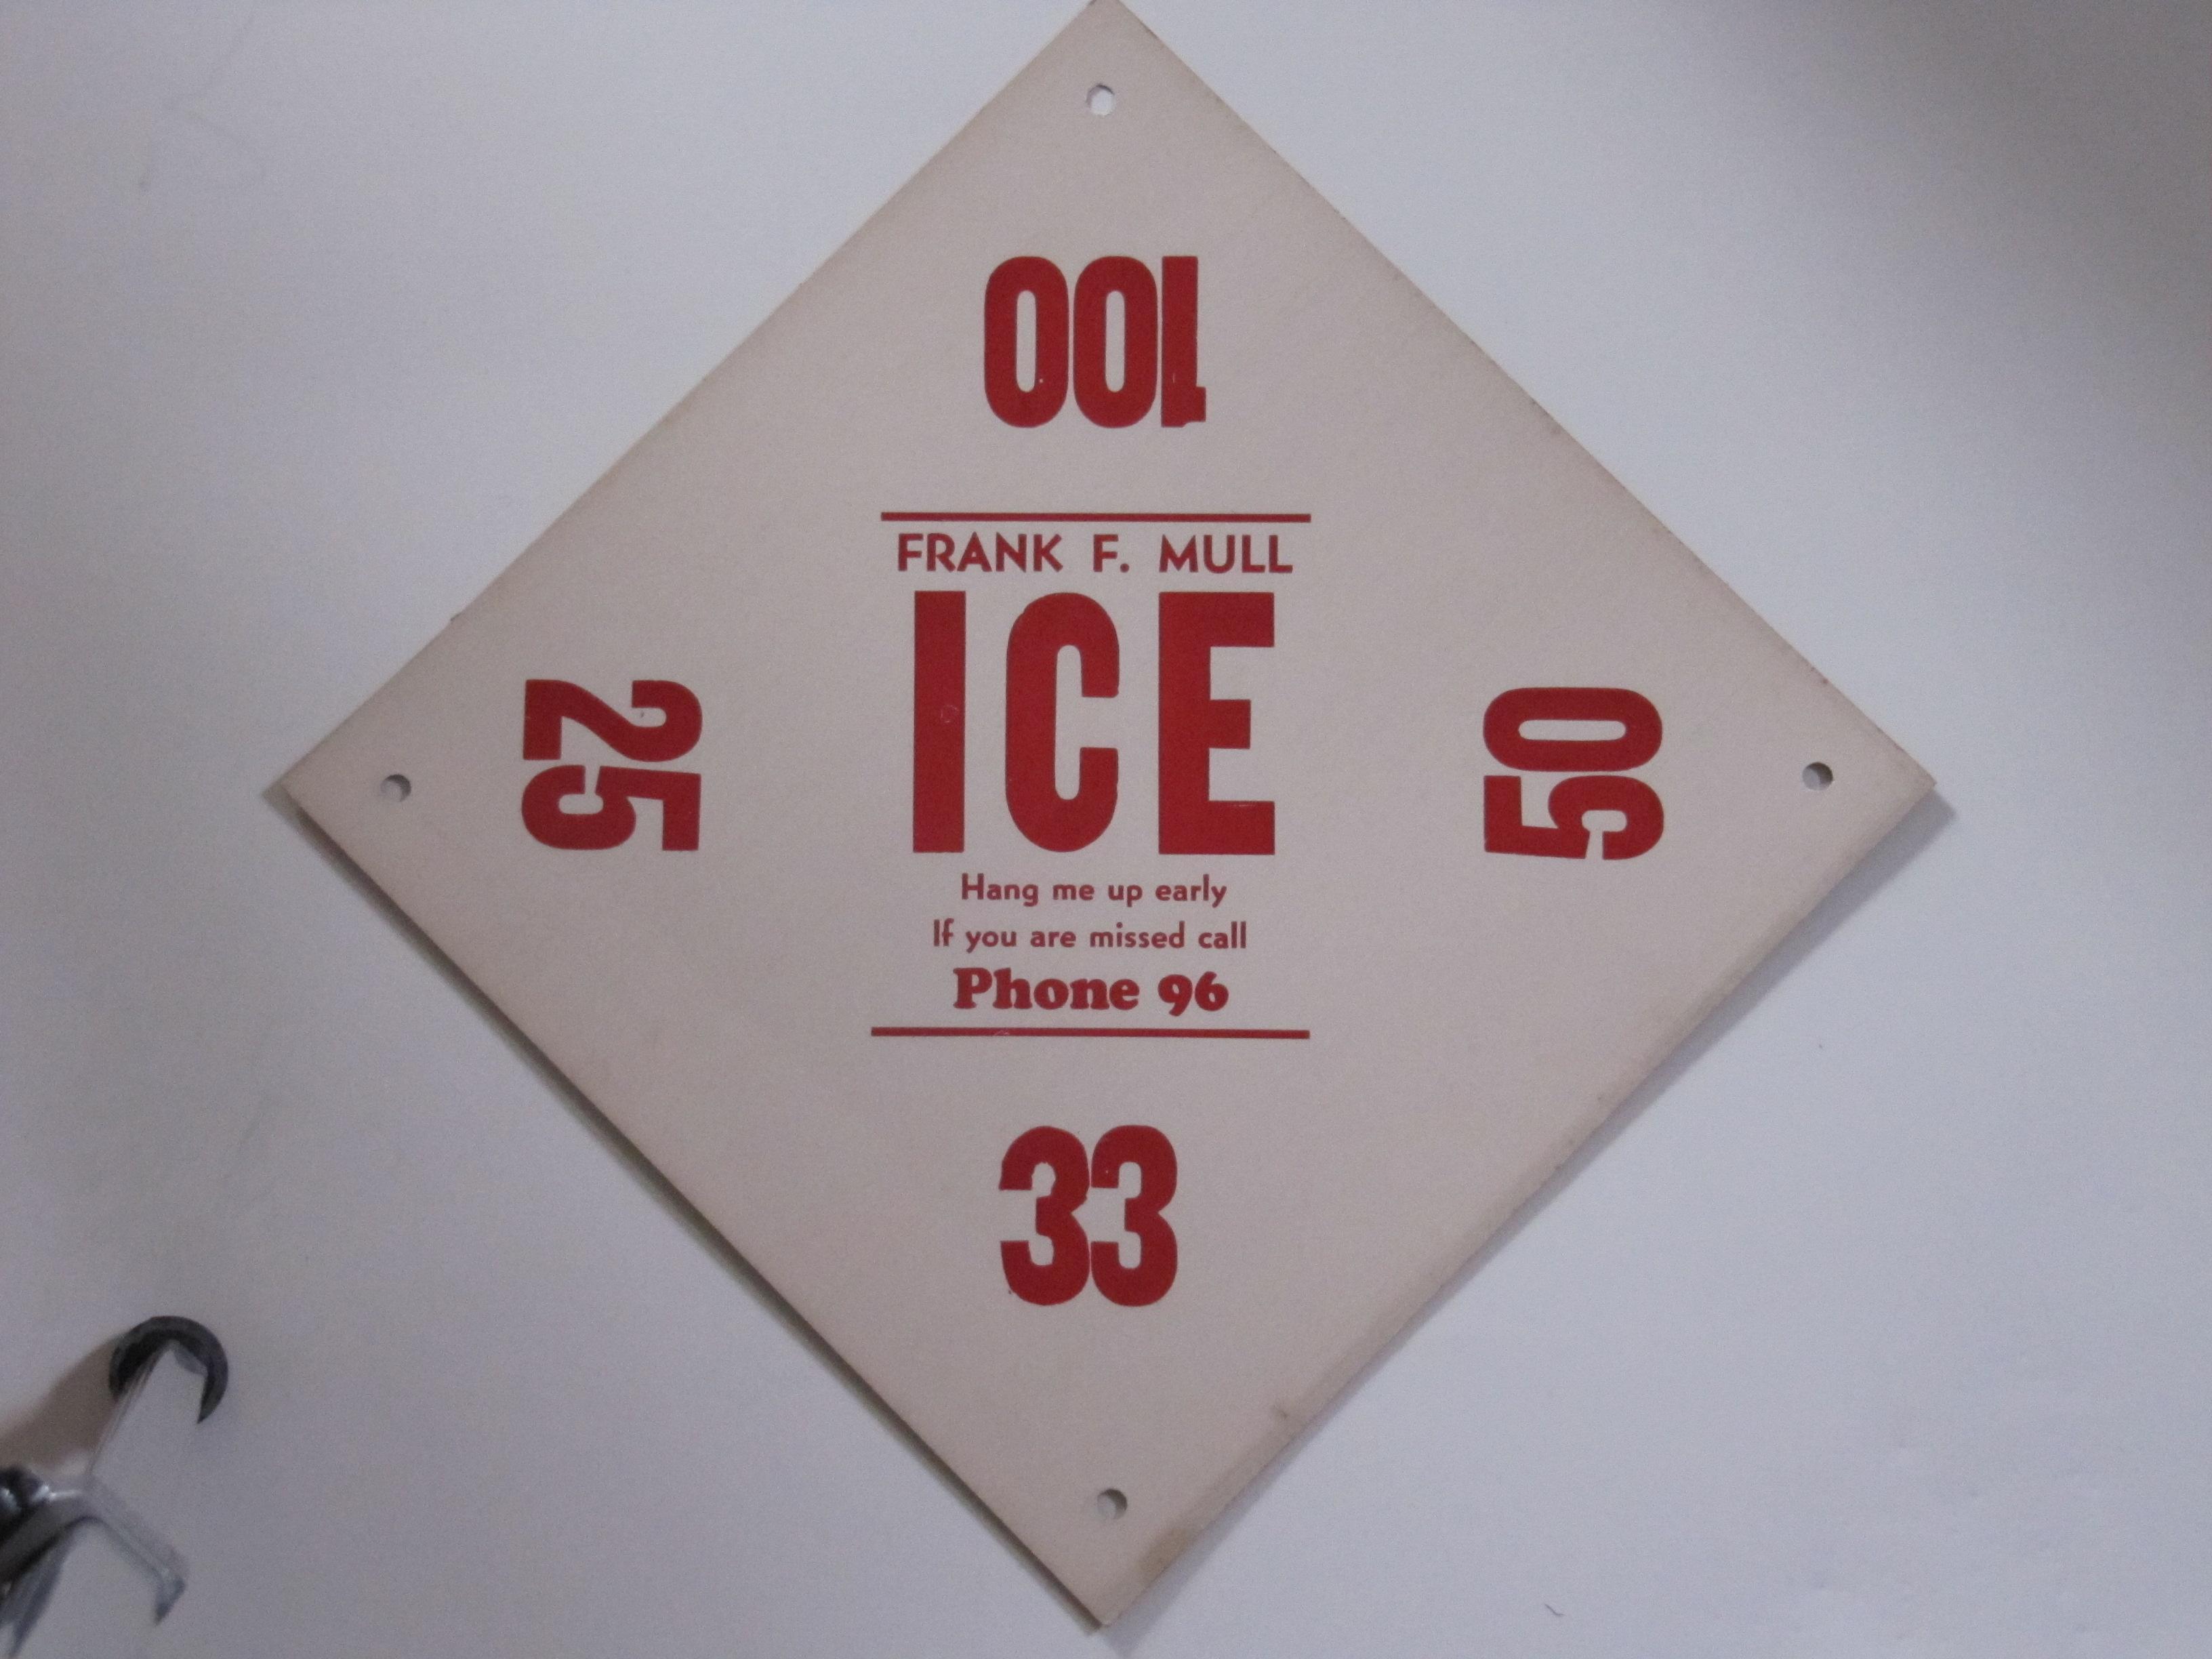 Frank F. Mull Ice